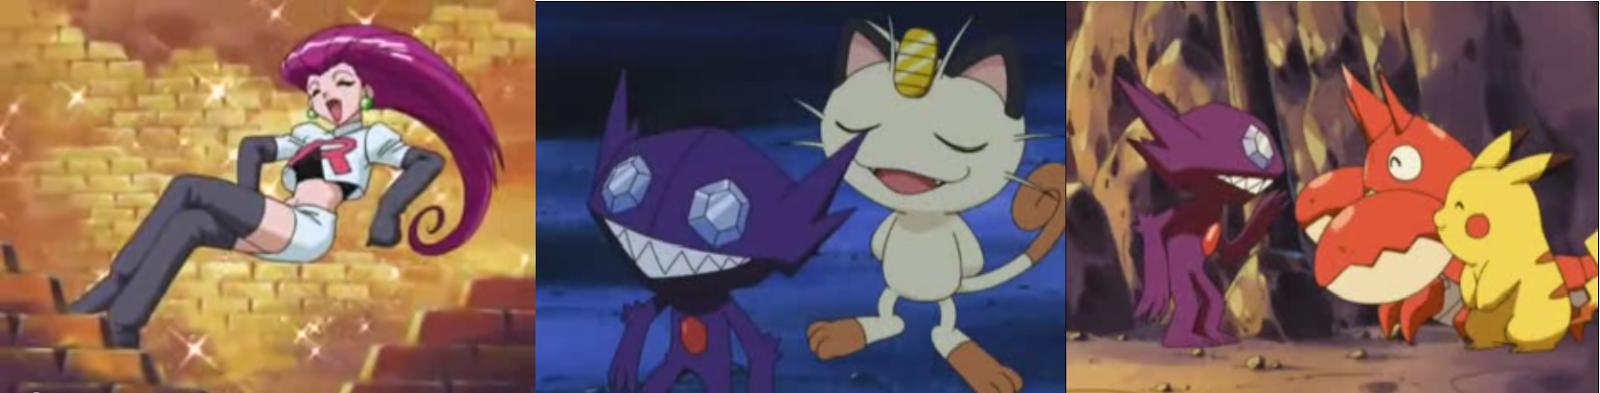 Pokemon Capitulo 29 Temporada 6 El Gran Susto De Sableye